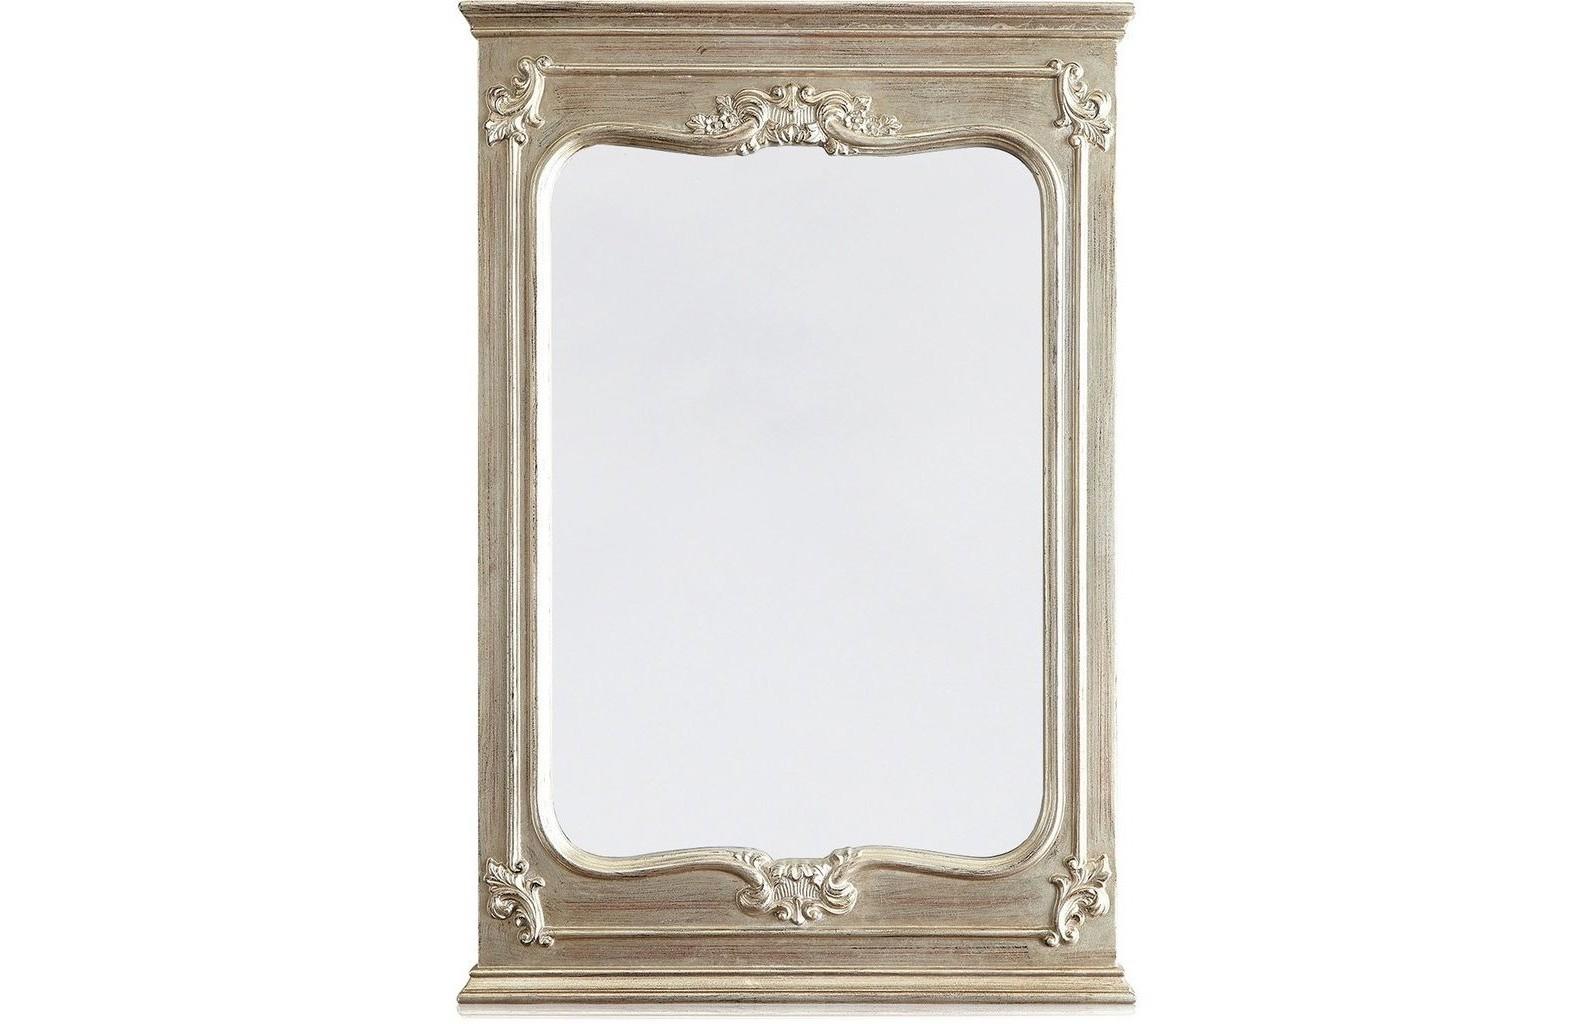 Зеркало ВивьенНастенные зеркала<br>Интерьерное зеркало без фацета.&amp;amp;nbsp;&amp;lt;div&amp;gt;Крепления входят в стоимость.&amp;lt;/div&amp;gt;<br><br>Material: Пластик<br>Width см: 71<br>Depth см: 4<br>Height см: 107